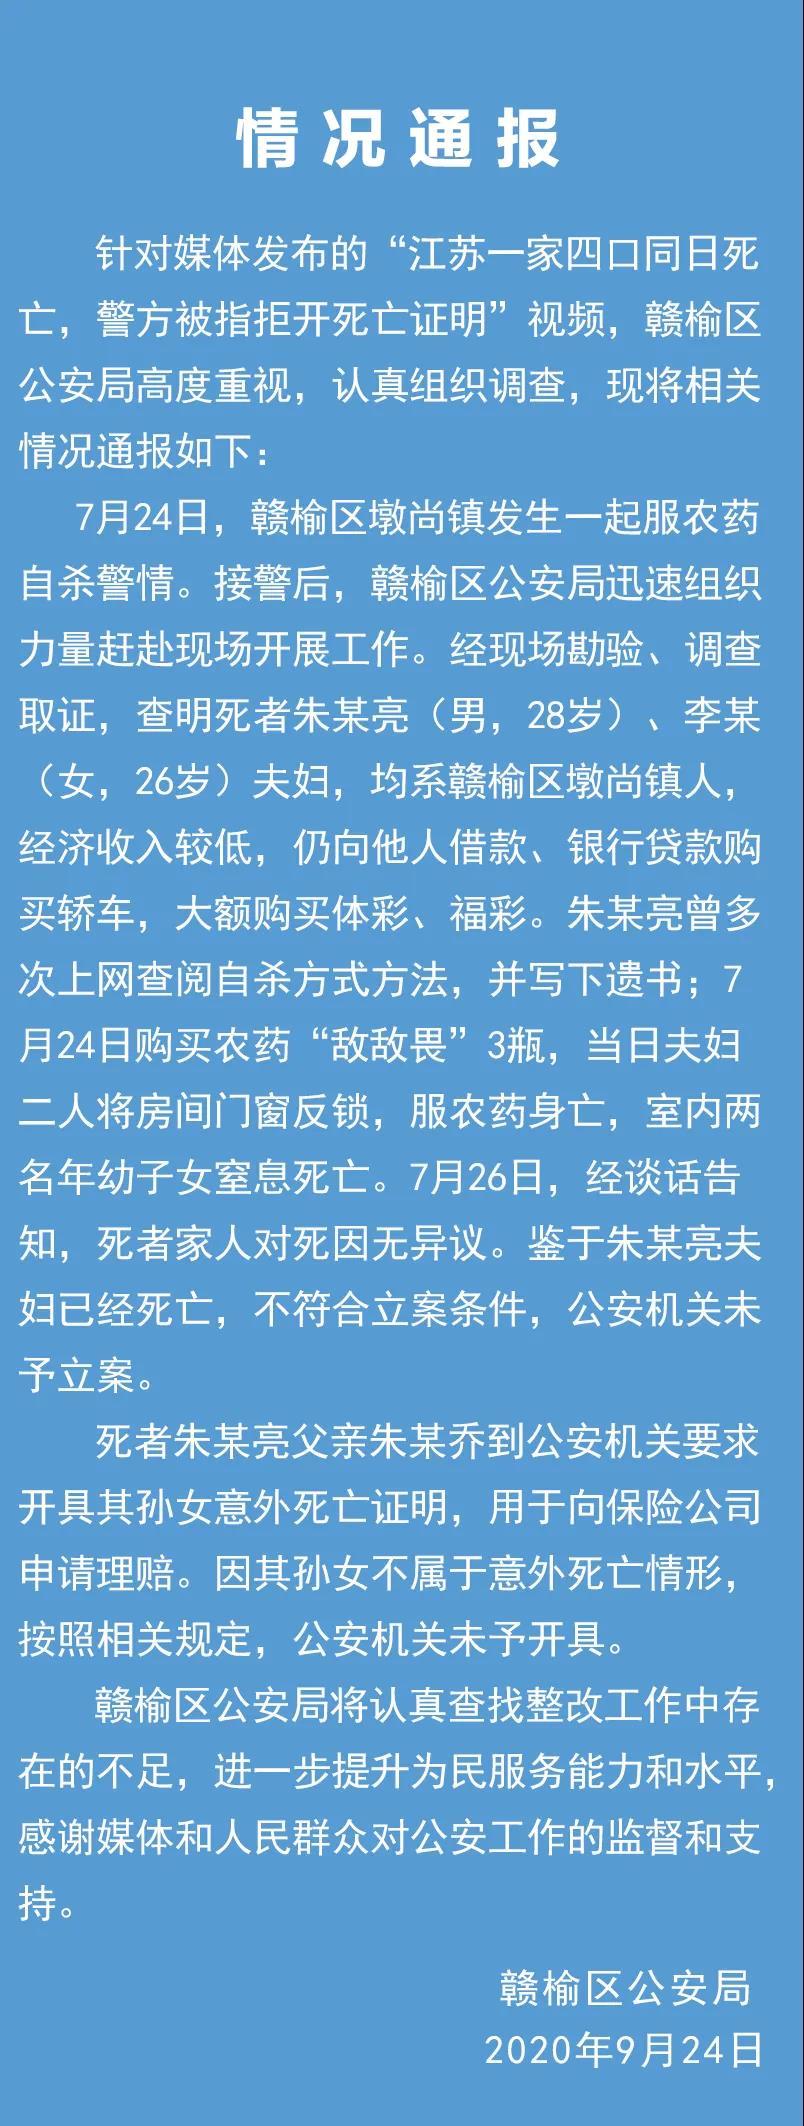 """网传""""江苏一家四口同日死亡,警方被指拒开死亡证明"""",官方回应"""